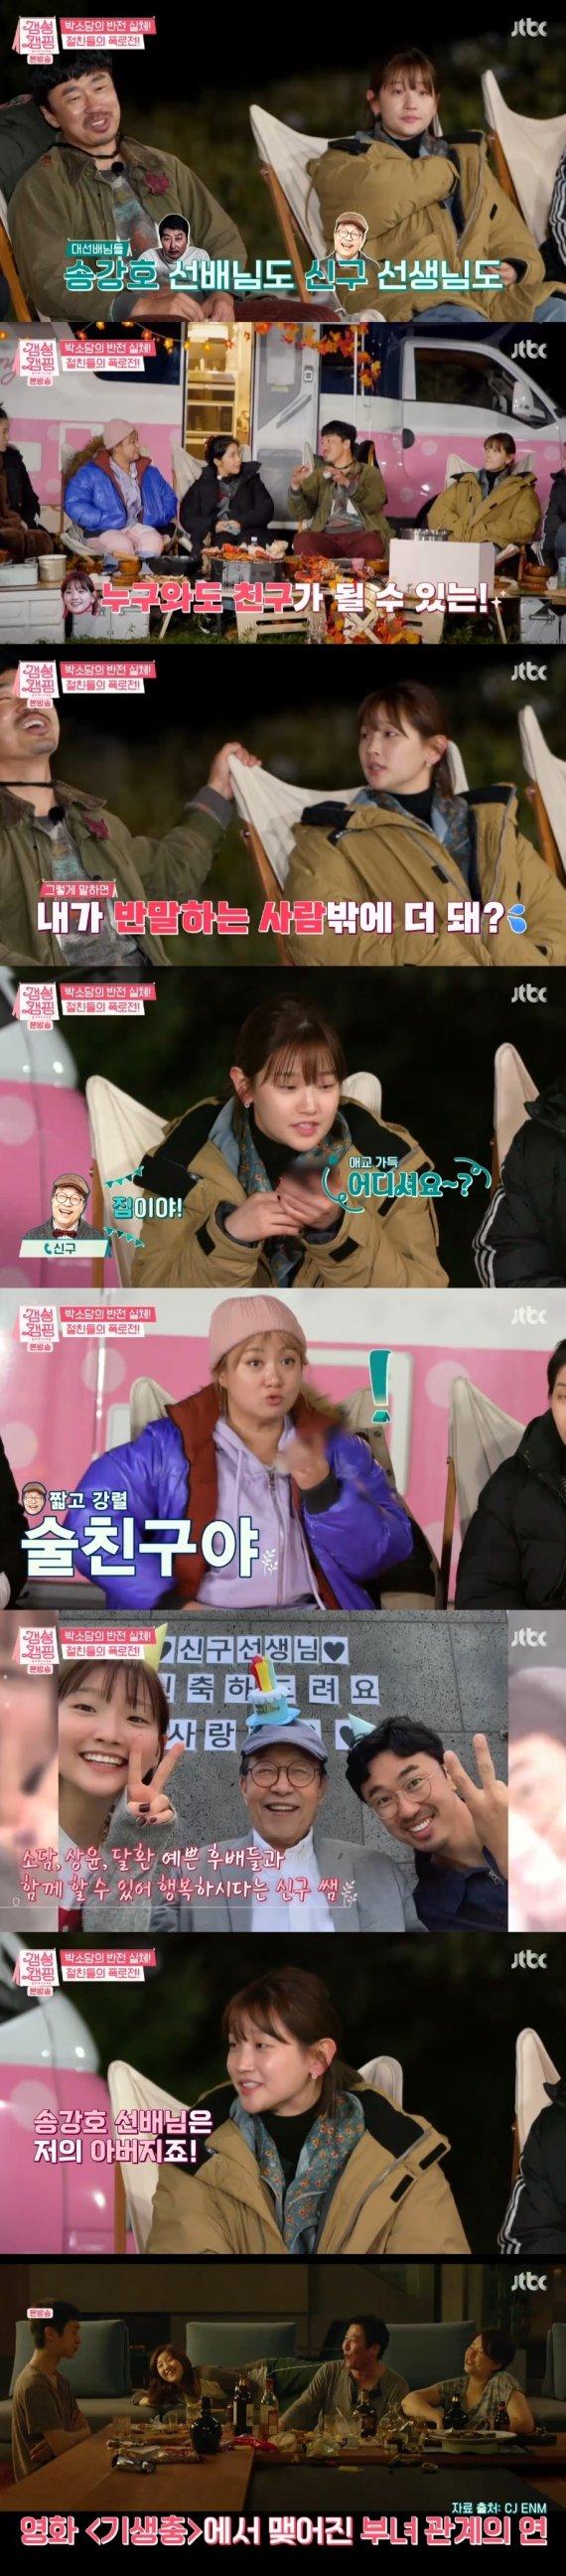 [RE:TV] '갬성캠핑' 박소담, 신구·송강호 친분 과시…애교 섞인 반말에 '눈길'